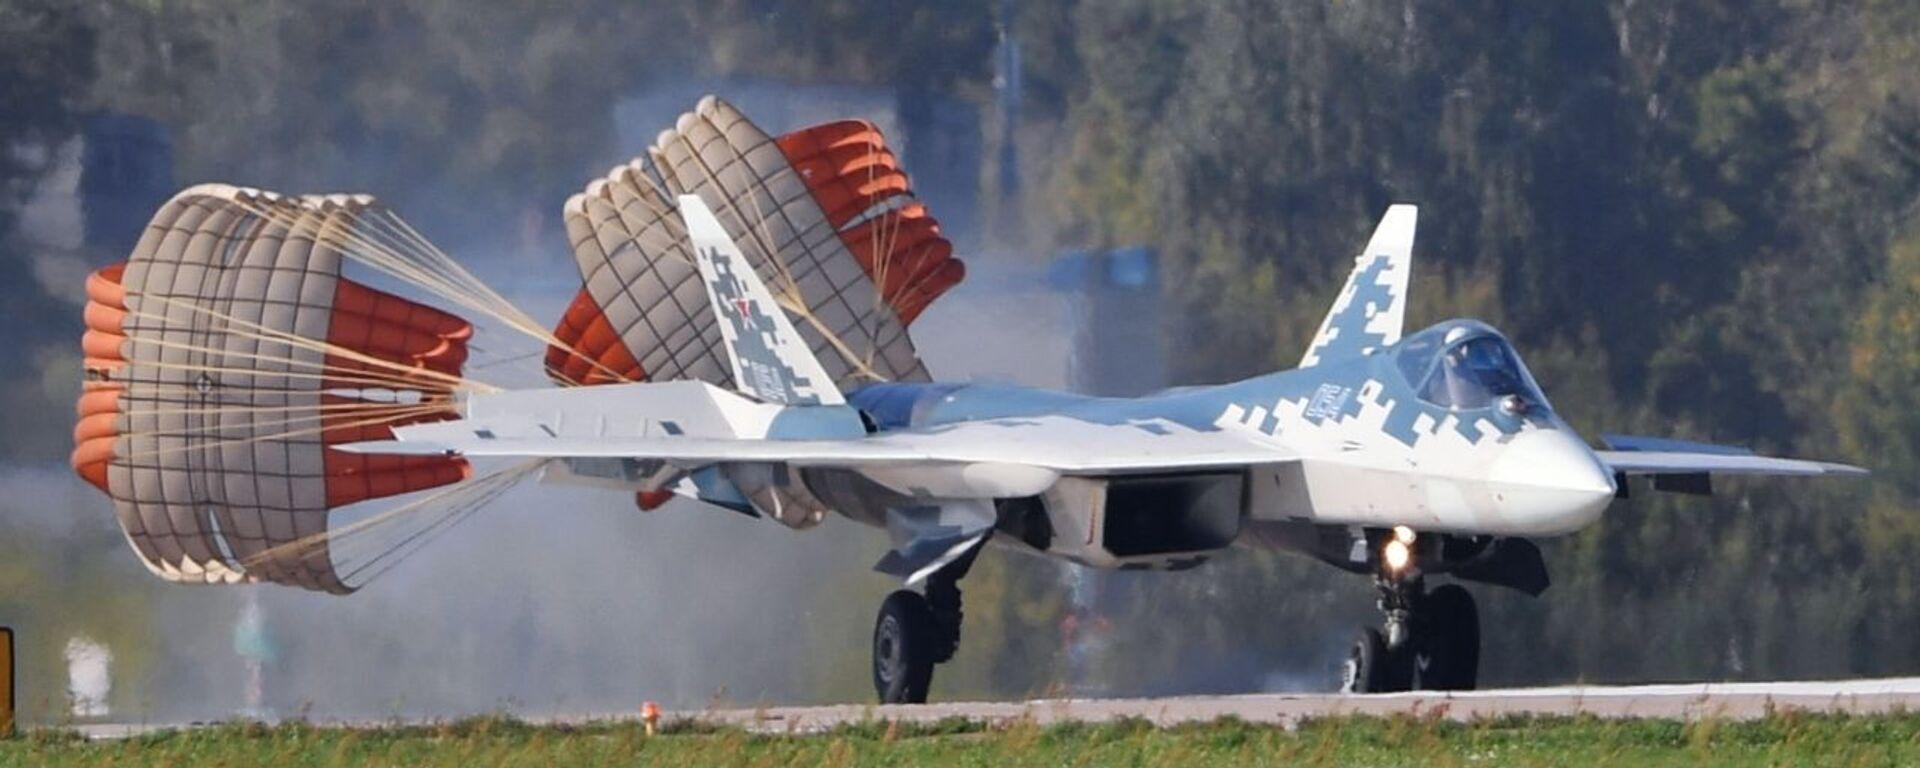 Многофункциональный истребитель Су-57 во время подготовки к открытию МАКС-2019 - Sputnik Česká republika, 1920, 16.06.2021